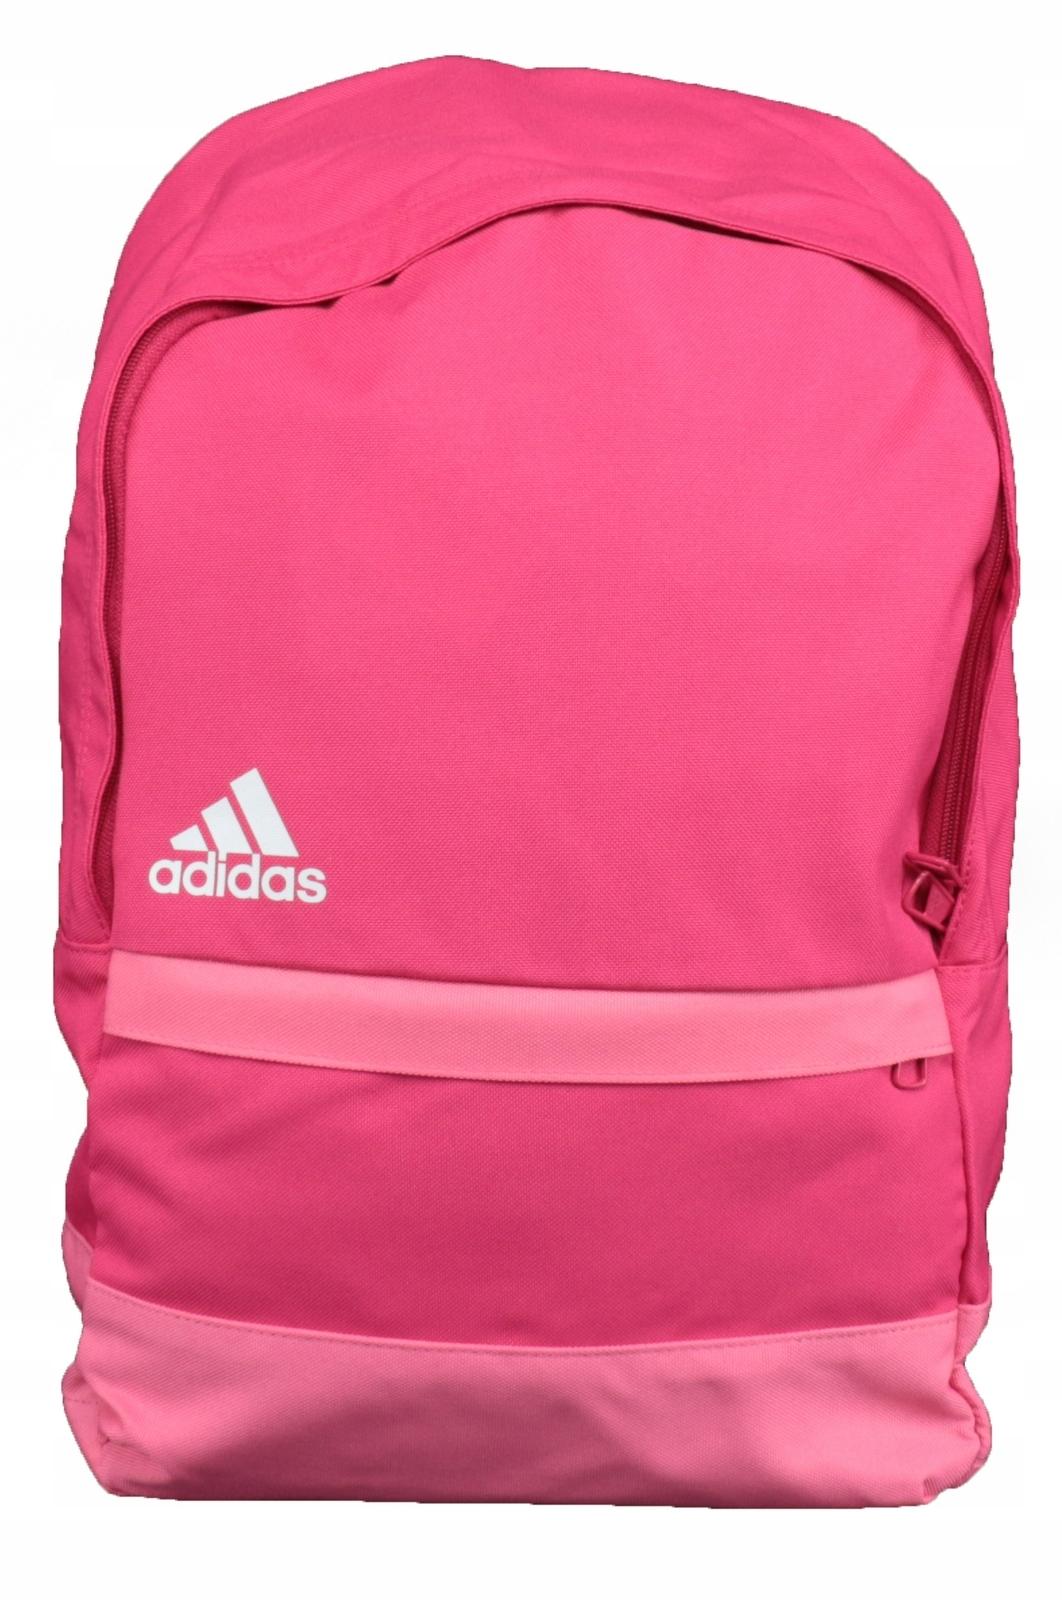 032c47c59e715 Plecak adidas VERSATILE BLOCK F49833 - 7566537467 - oficjalne ...